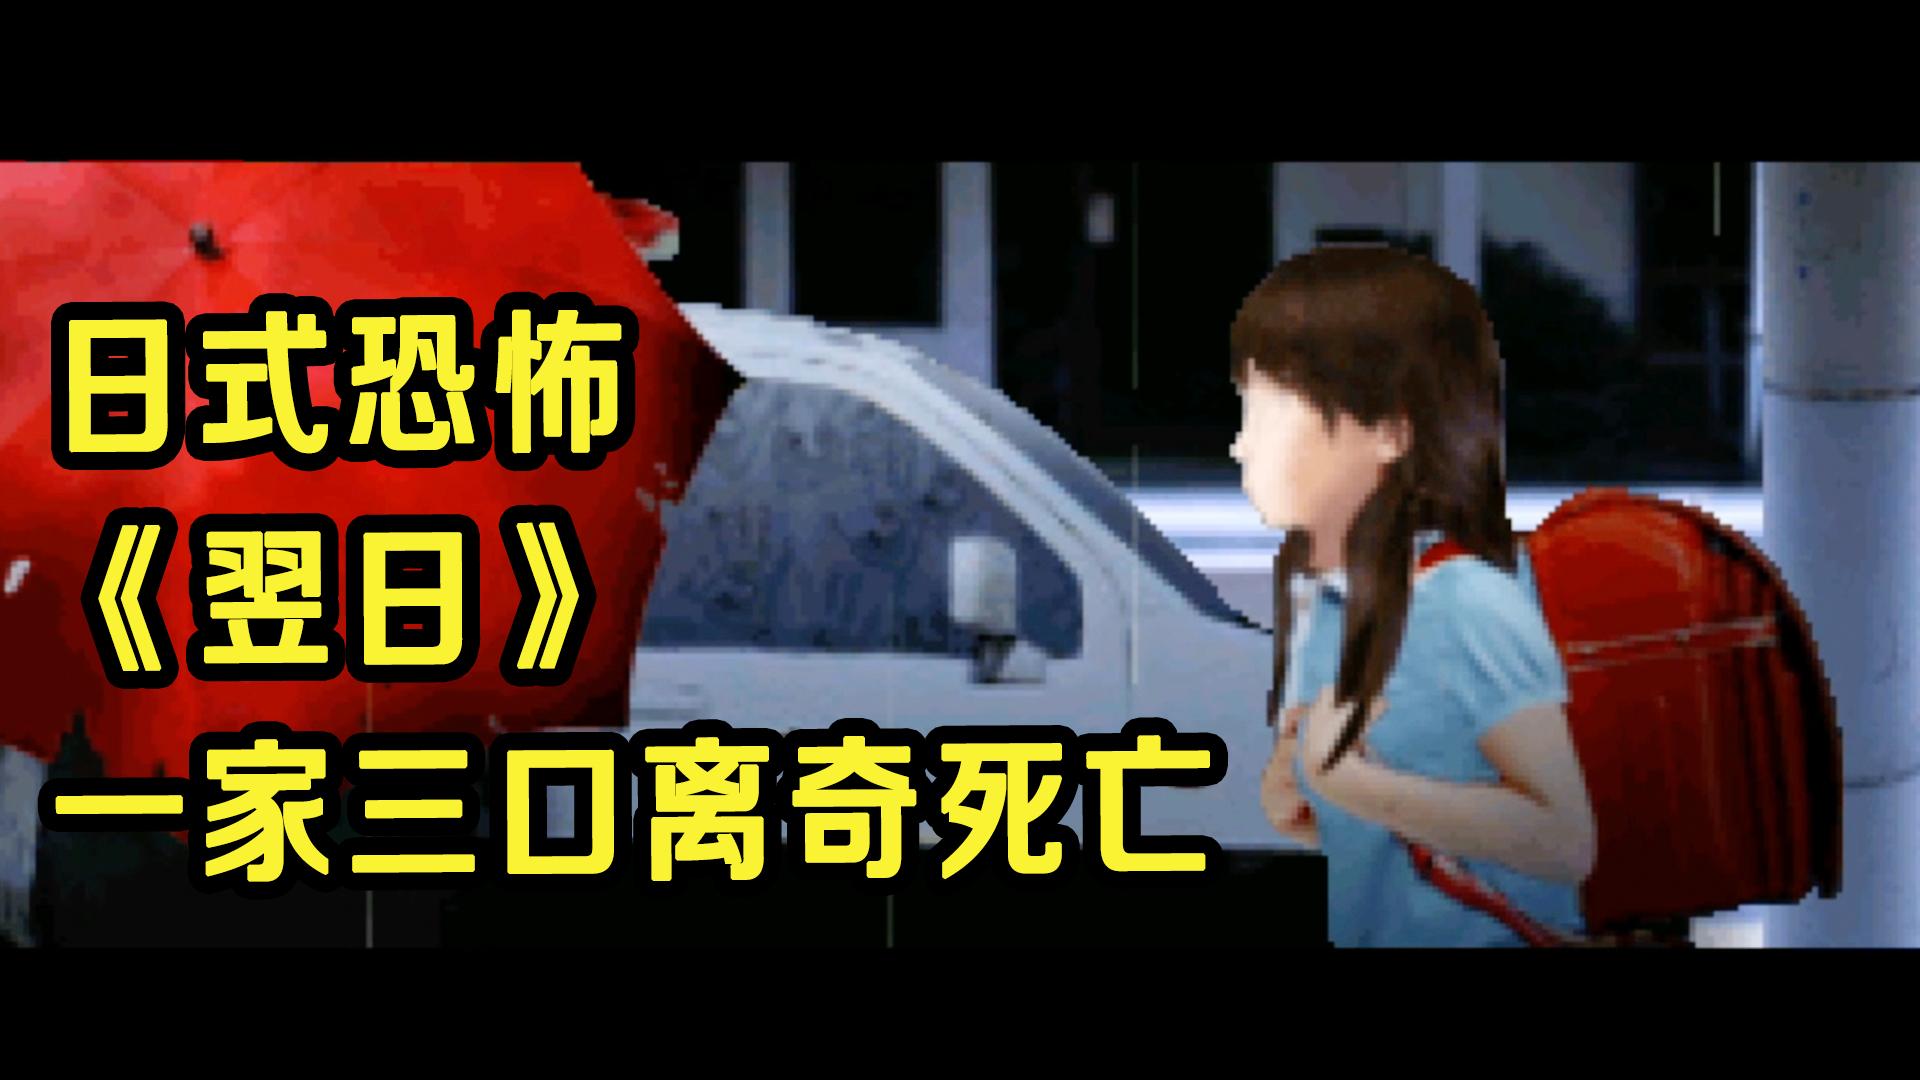 不关心家人的话,就会被红伞鬼抓住哦!|日式恐怖《翌日》第三部